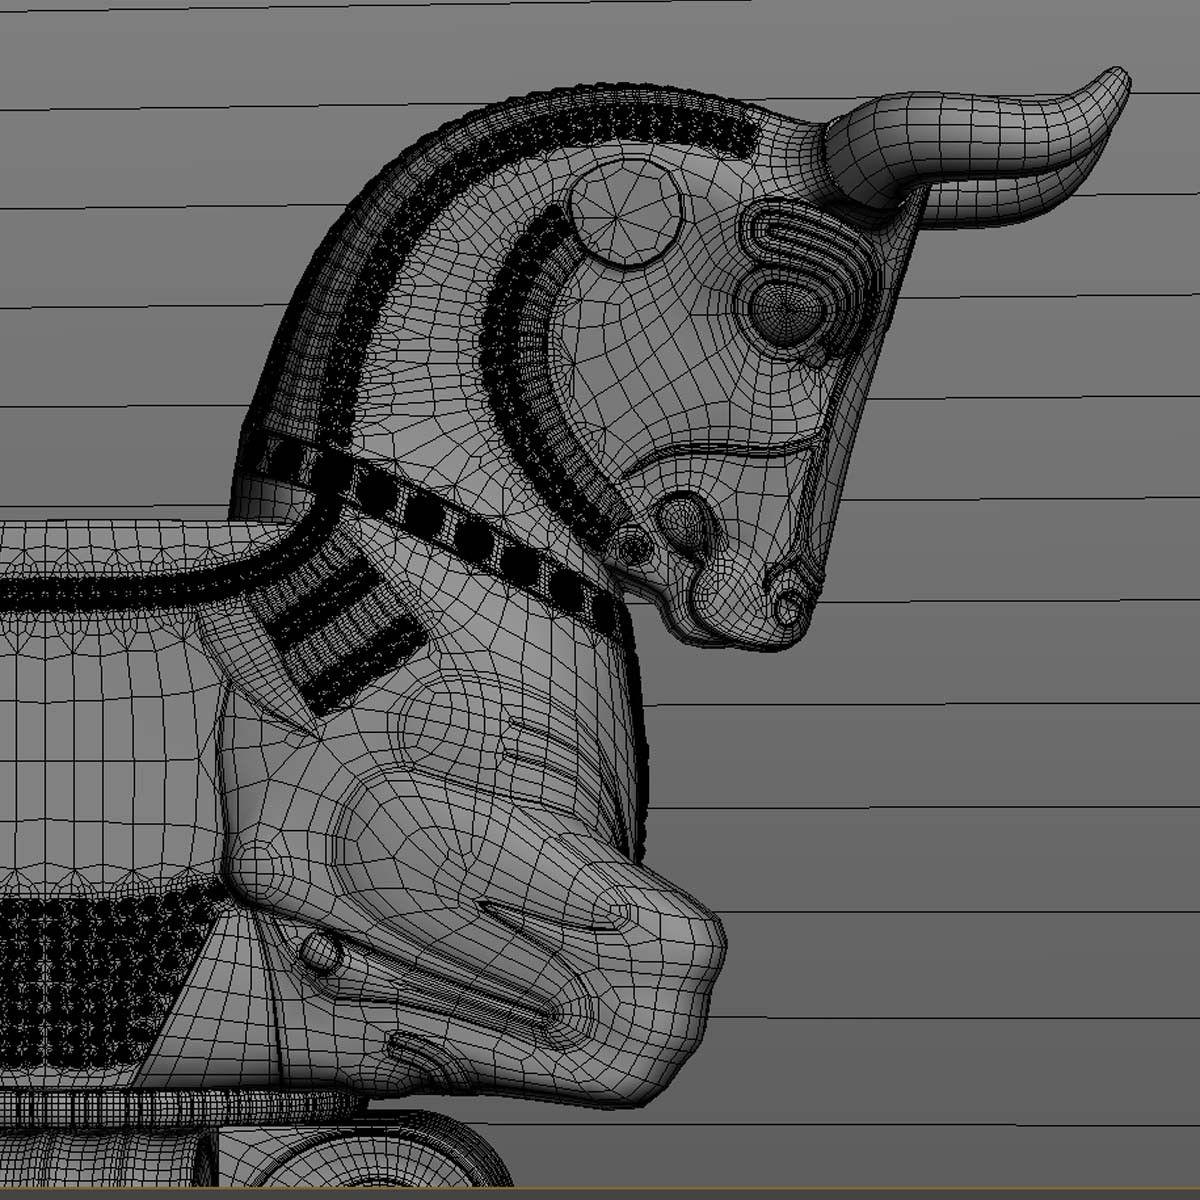 Max Persepolis Bull Capital Ancient Persian Art Persian Culture Iranian Art